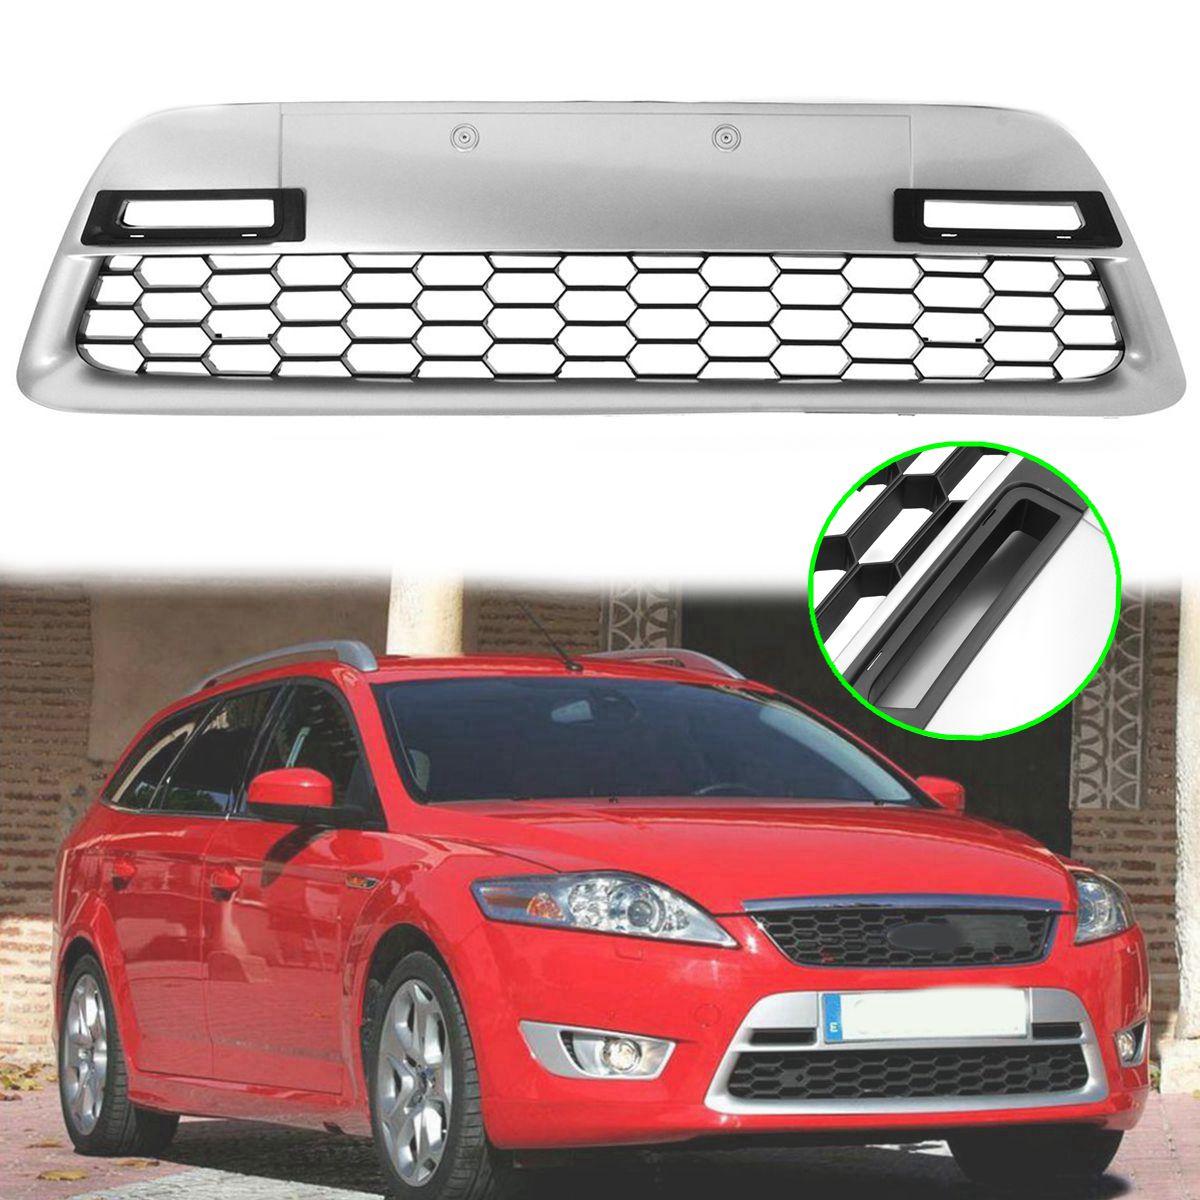 105 cm Auto radiateur Centre pare-chocs Grille panneau couverture voiture gril panneau garniture pour FORD Mondeo MK4 2007-2010